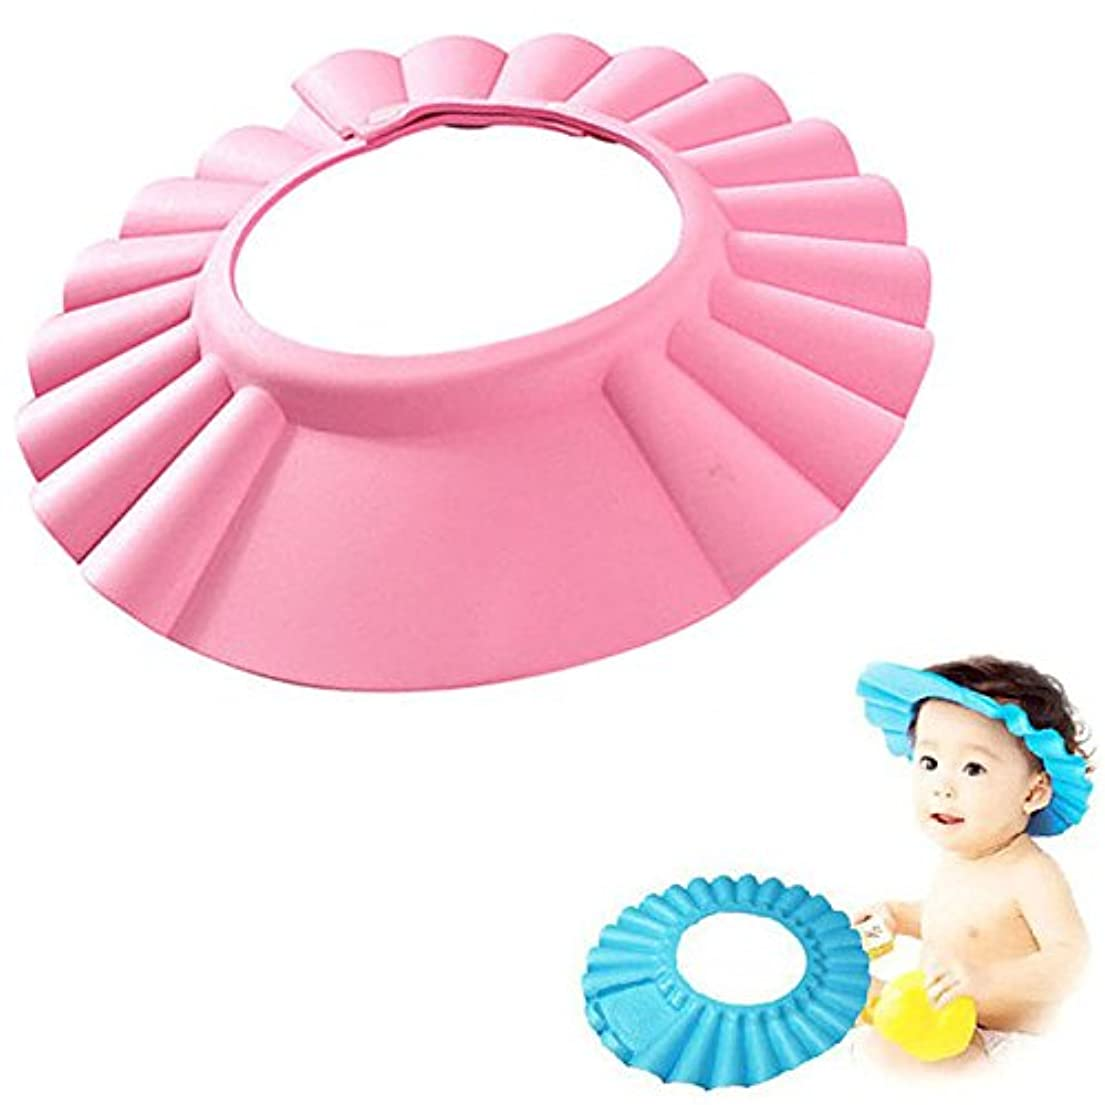 楽しませるクリケットトリプルシャンプーハット 子供 洗髪用帽子 お風呂 防水帽 水漏れない樹脂 サイズ調節 (ピンク)